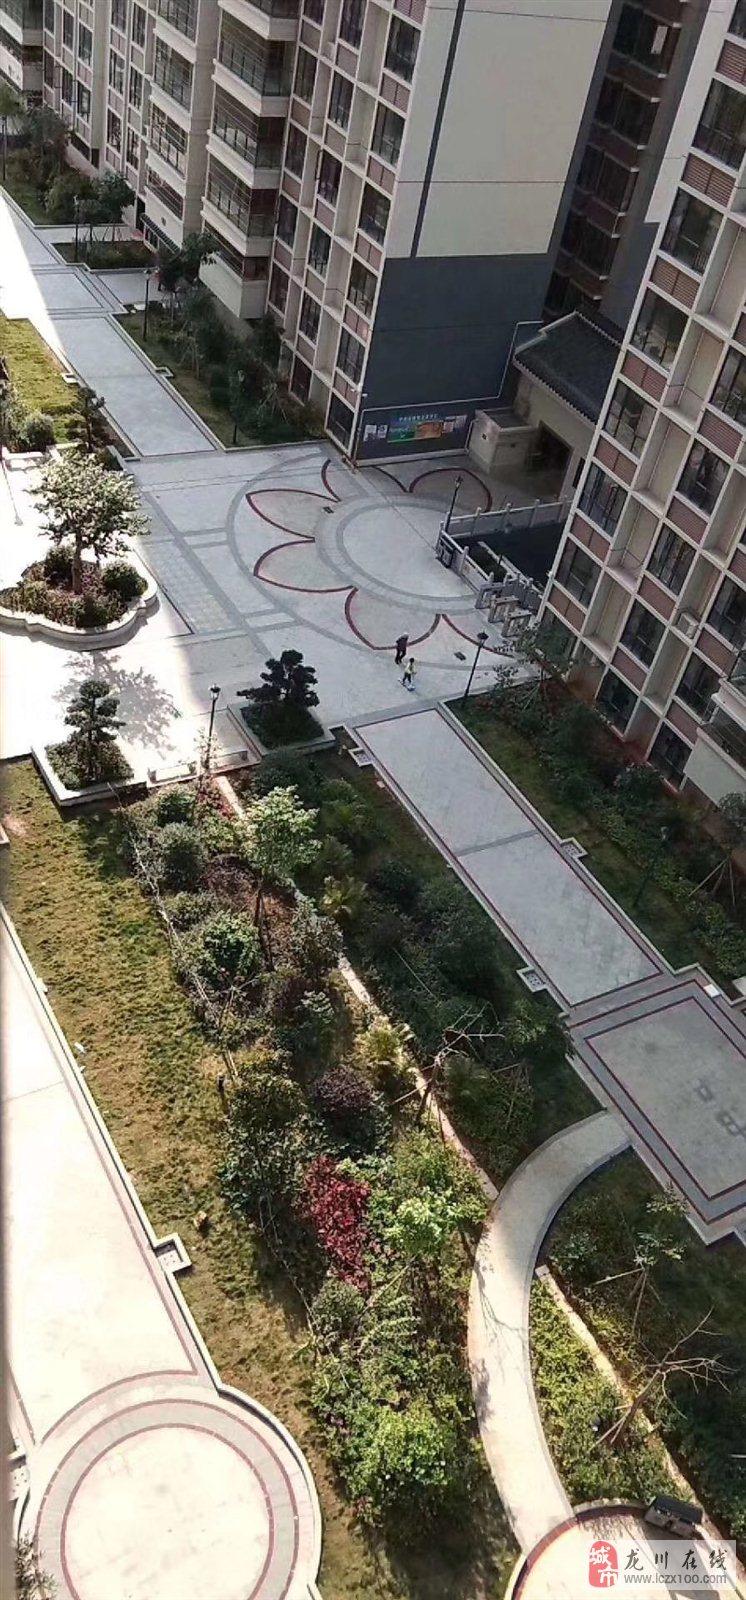 下泡水裕隆花园145平米中层电梯毛坯四房售78万